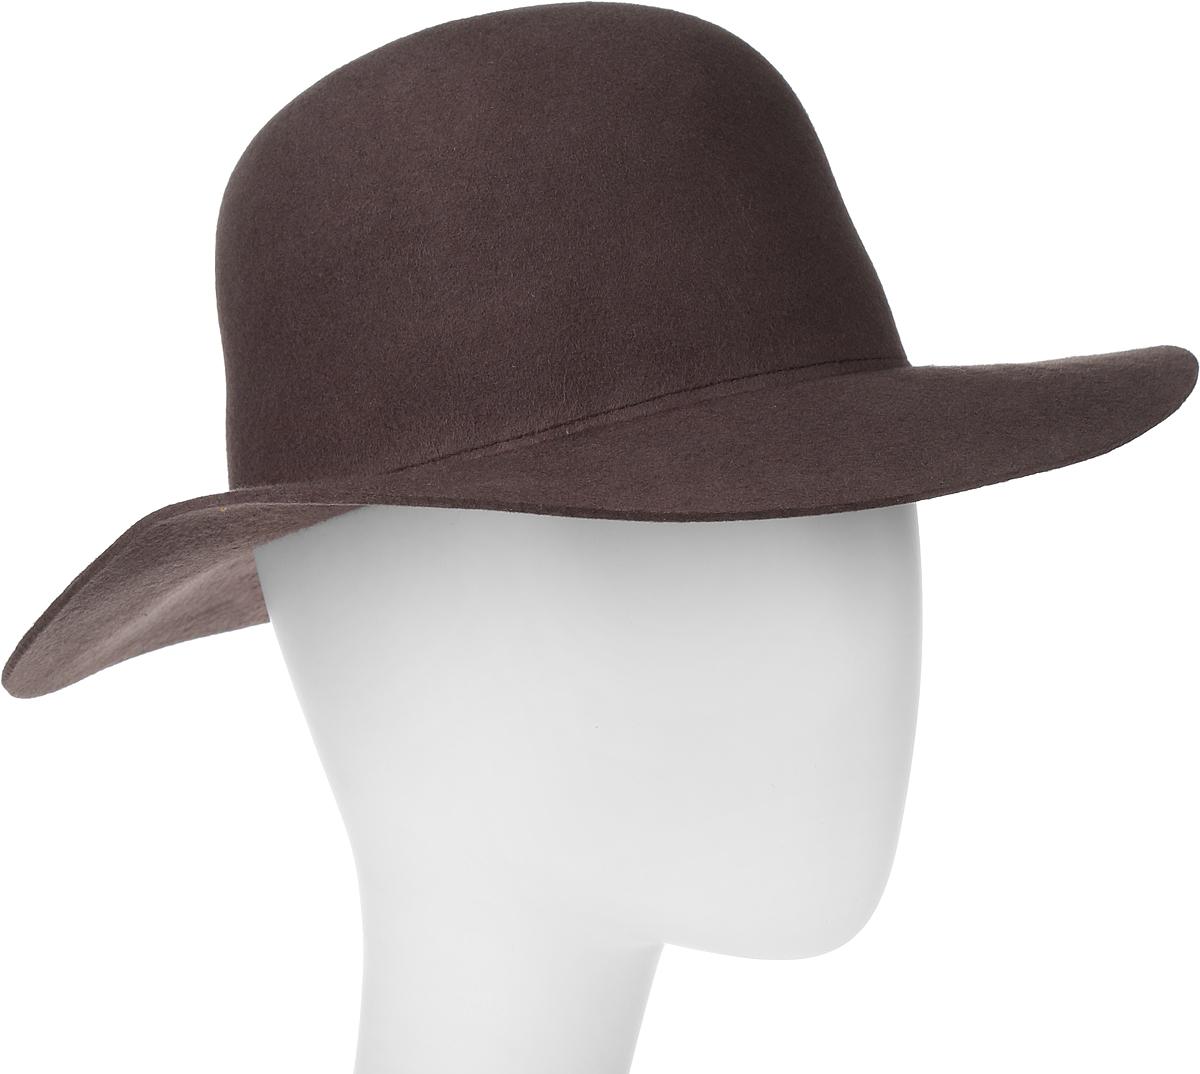 Шляпа100-9697Элегантная шляпа Goorin Brothers, выполненная из шерстяного фетра, дополнит любой образ. Модель с конструкцией тульи open crown и прямыми полями. Особенность такой шляпы в том, что Вы можете сформировать продольную вмятину на тулье и защипы по её бокам собственноручно - эластичный фетр легко поддаётся корректировке пальцами. Такая шляпа подчеркнет вашу неповторимость и прекрасный вкус. За счёт своей свободной конструкции модель большемерит.